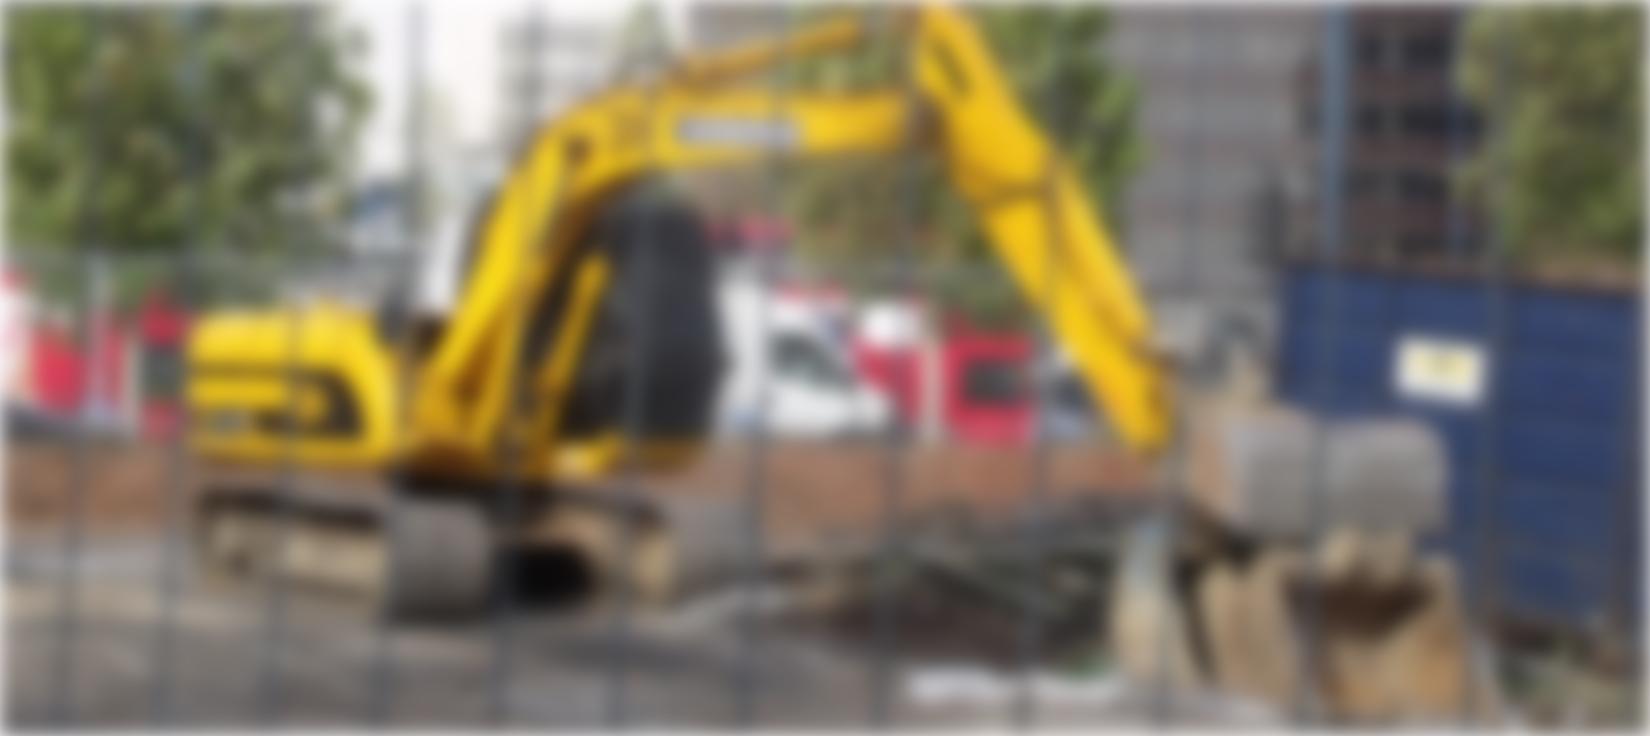 image d'une pelle sur un chantier